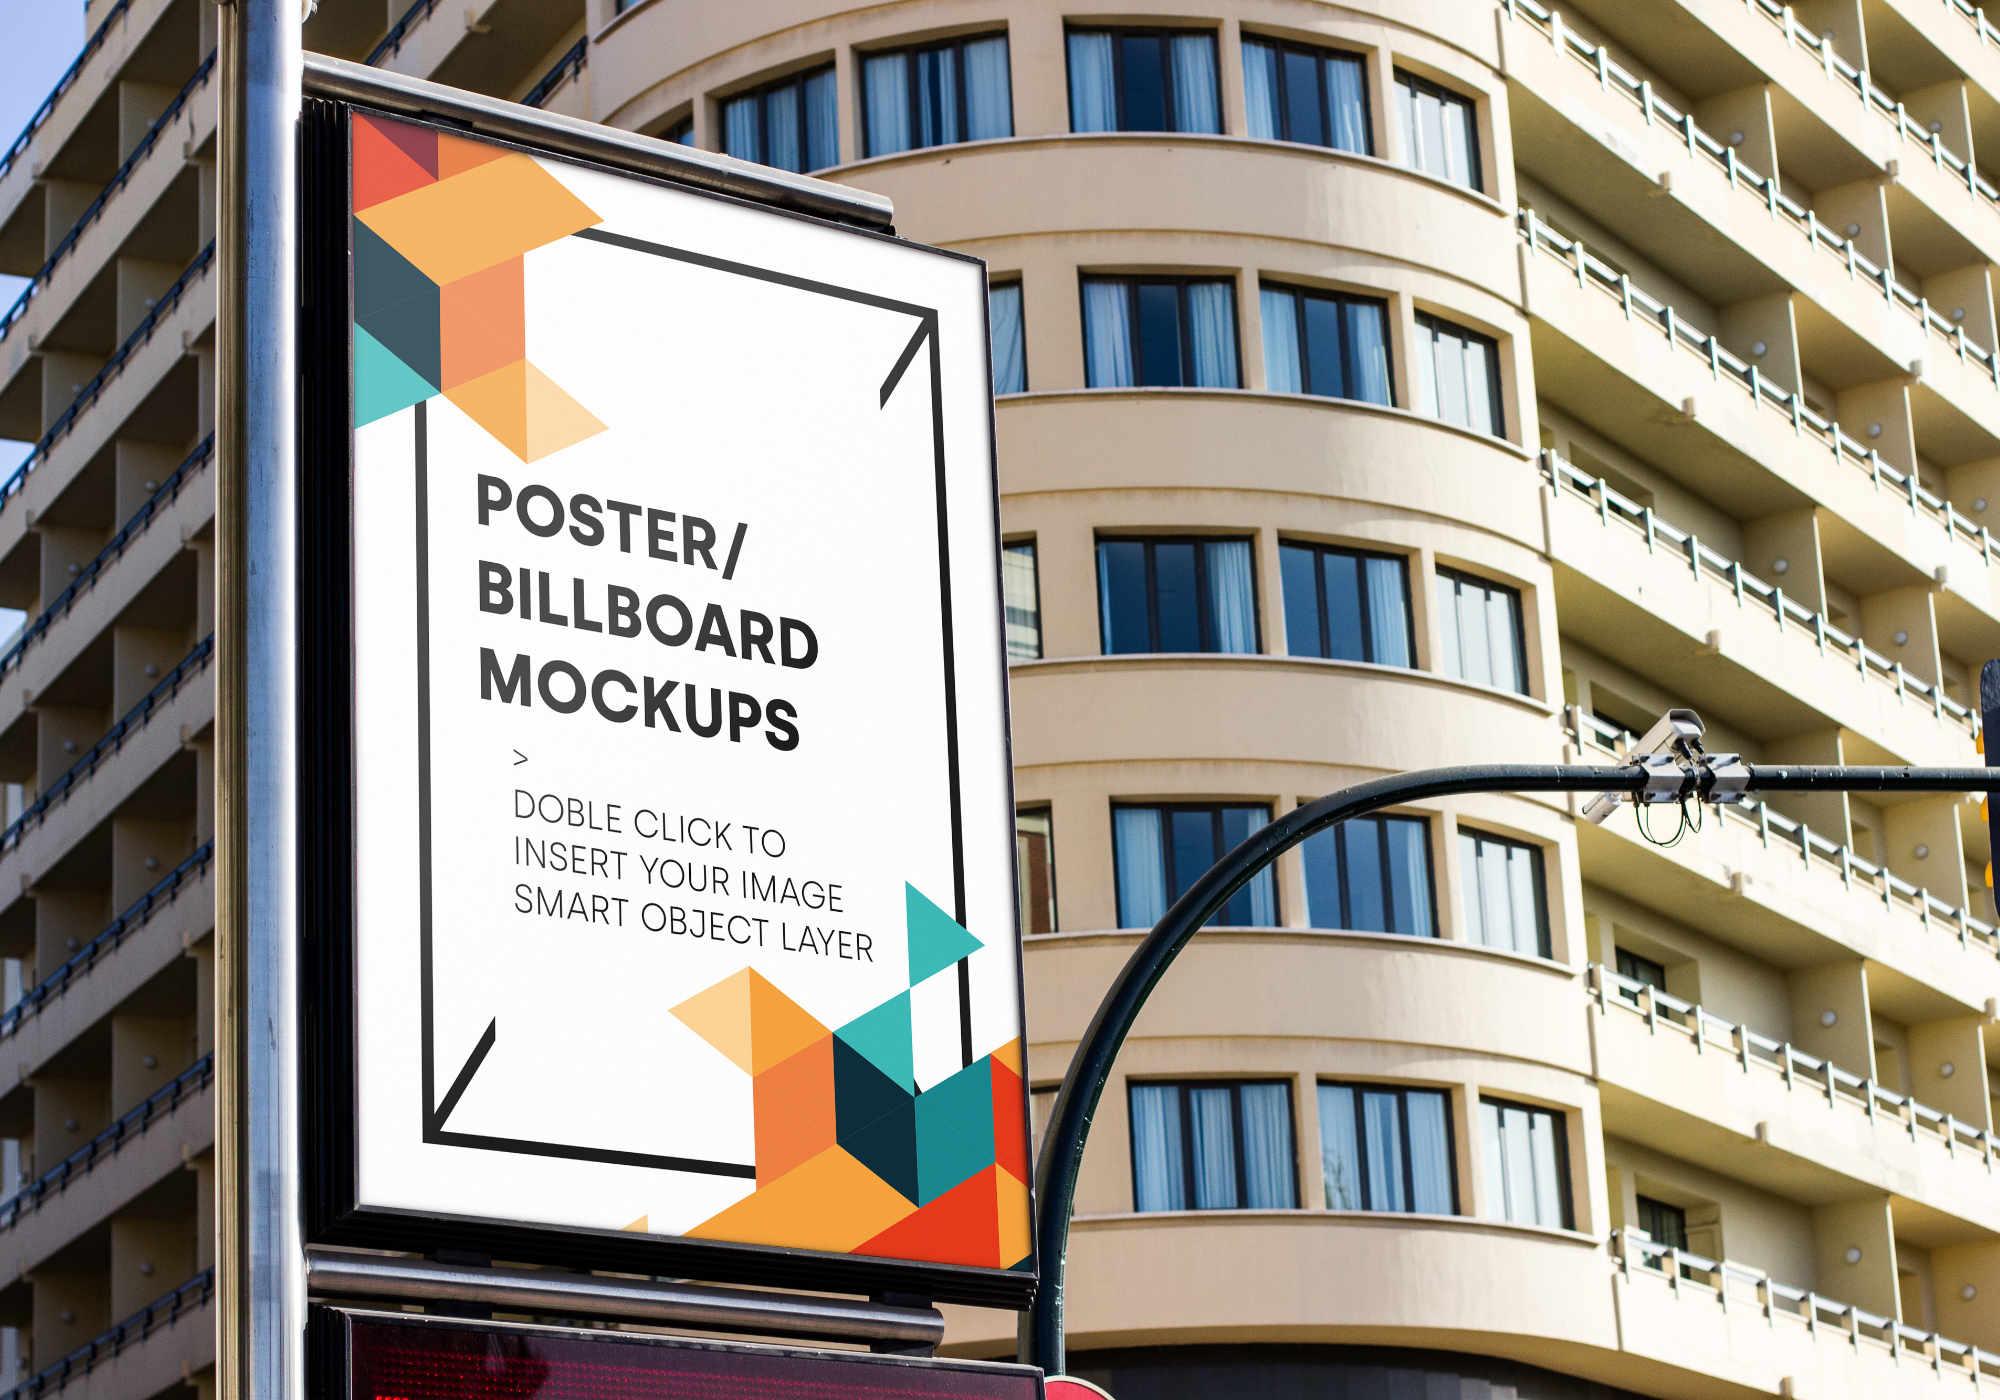 Les avantages des affiches publicitaires